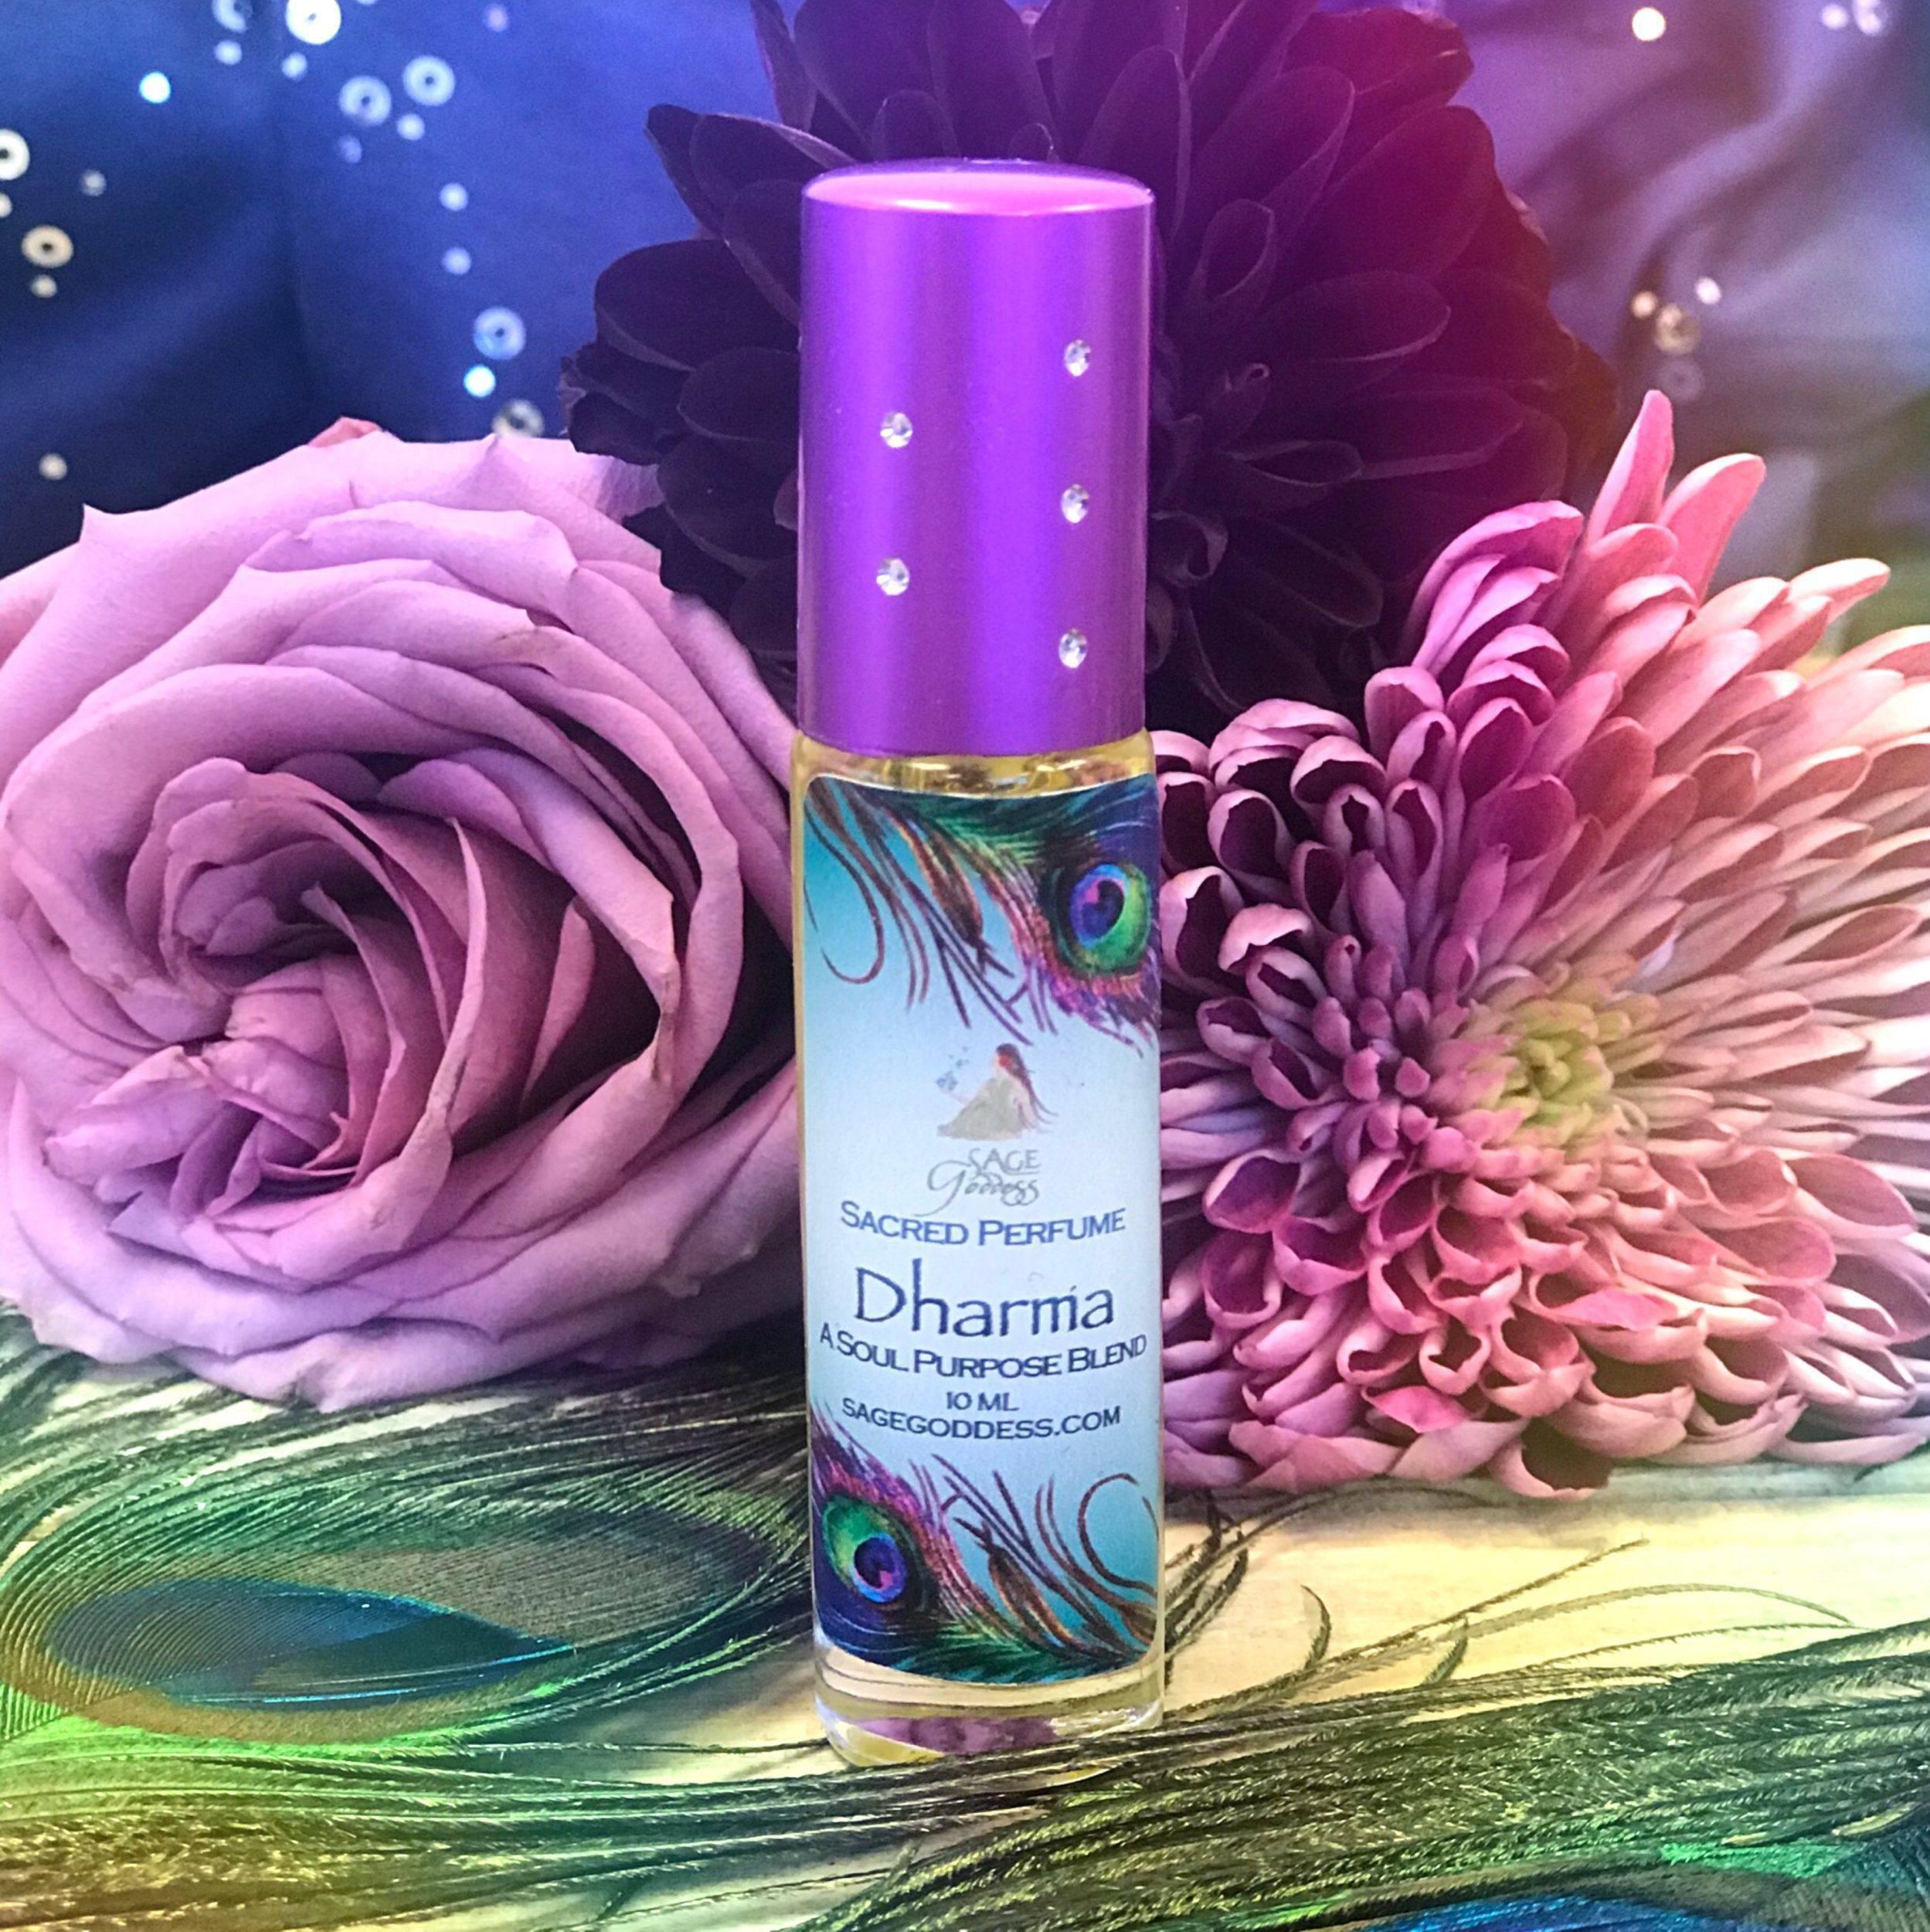 Dharma Perfume